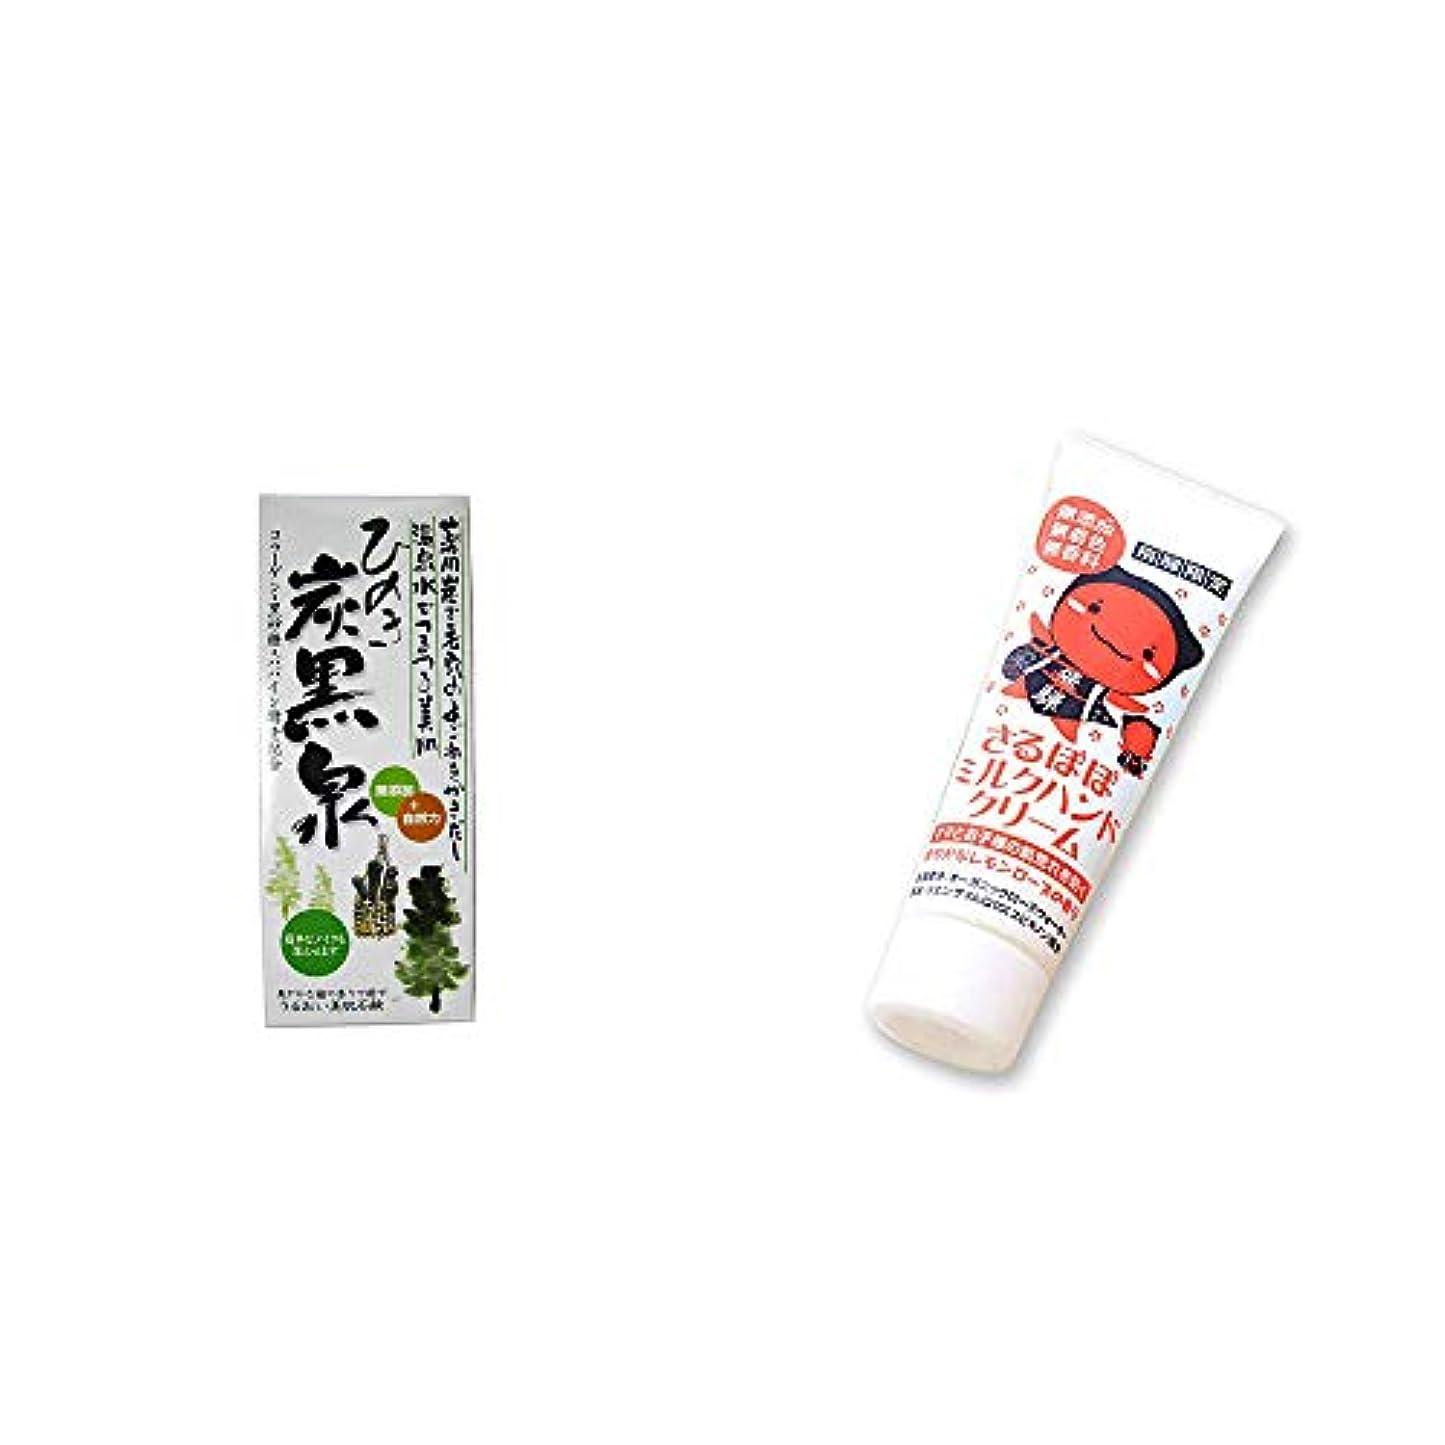 バッフルグレー浪費[2点セット] ひのき炭黒泉 箱入り(75g×3)?さるぼぼ ミルクハンドクリーム(50g)